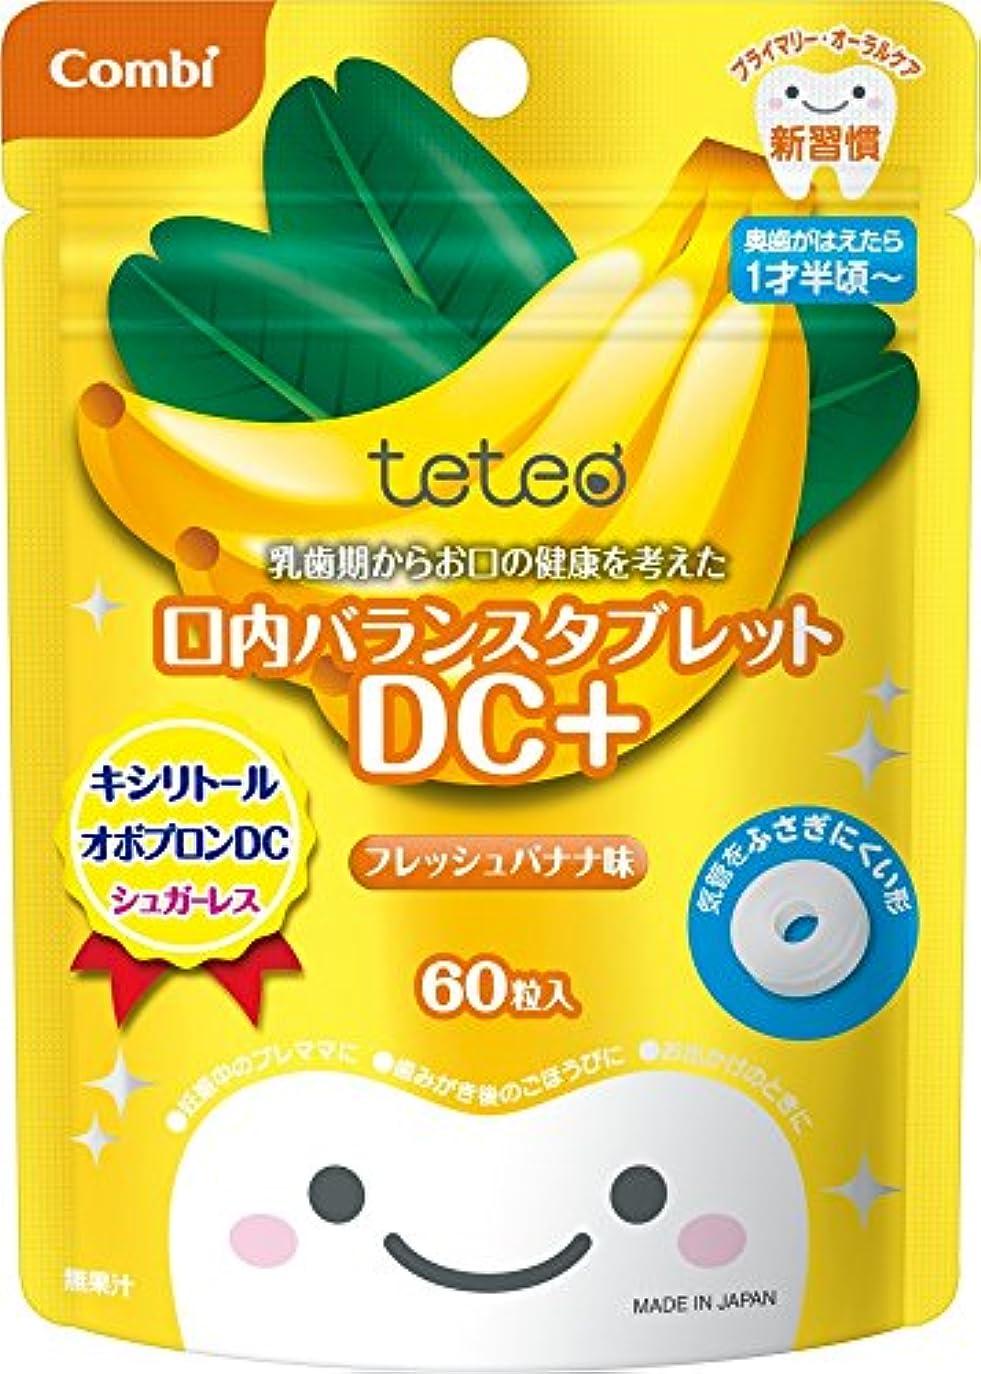 大理石ハンドブック埋め込むコンビ テテオ 乳歯期からお口の健康を考えた口内バランスタブレット DC+ フレッシュバナナ味 60粒 【対象月齢:1才半頃~】